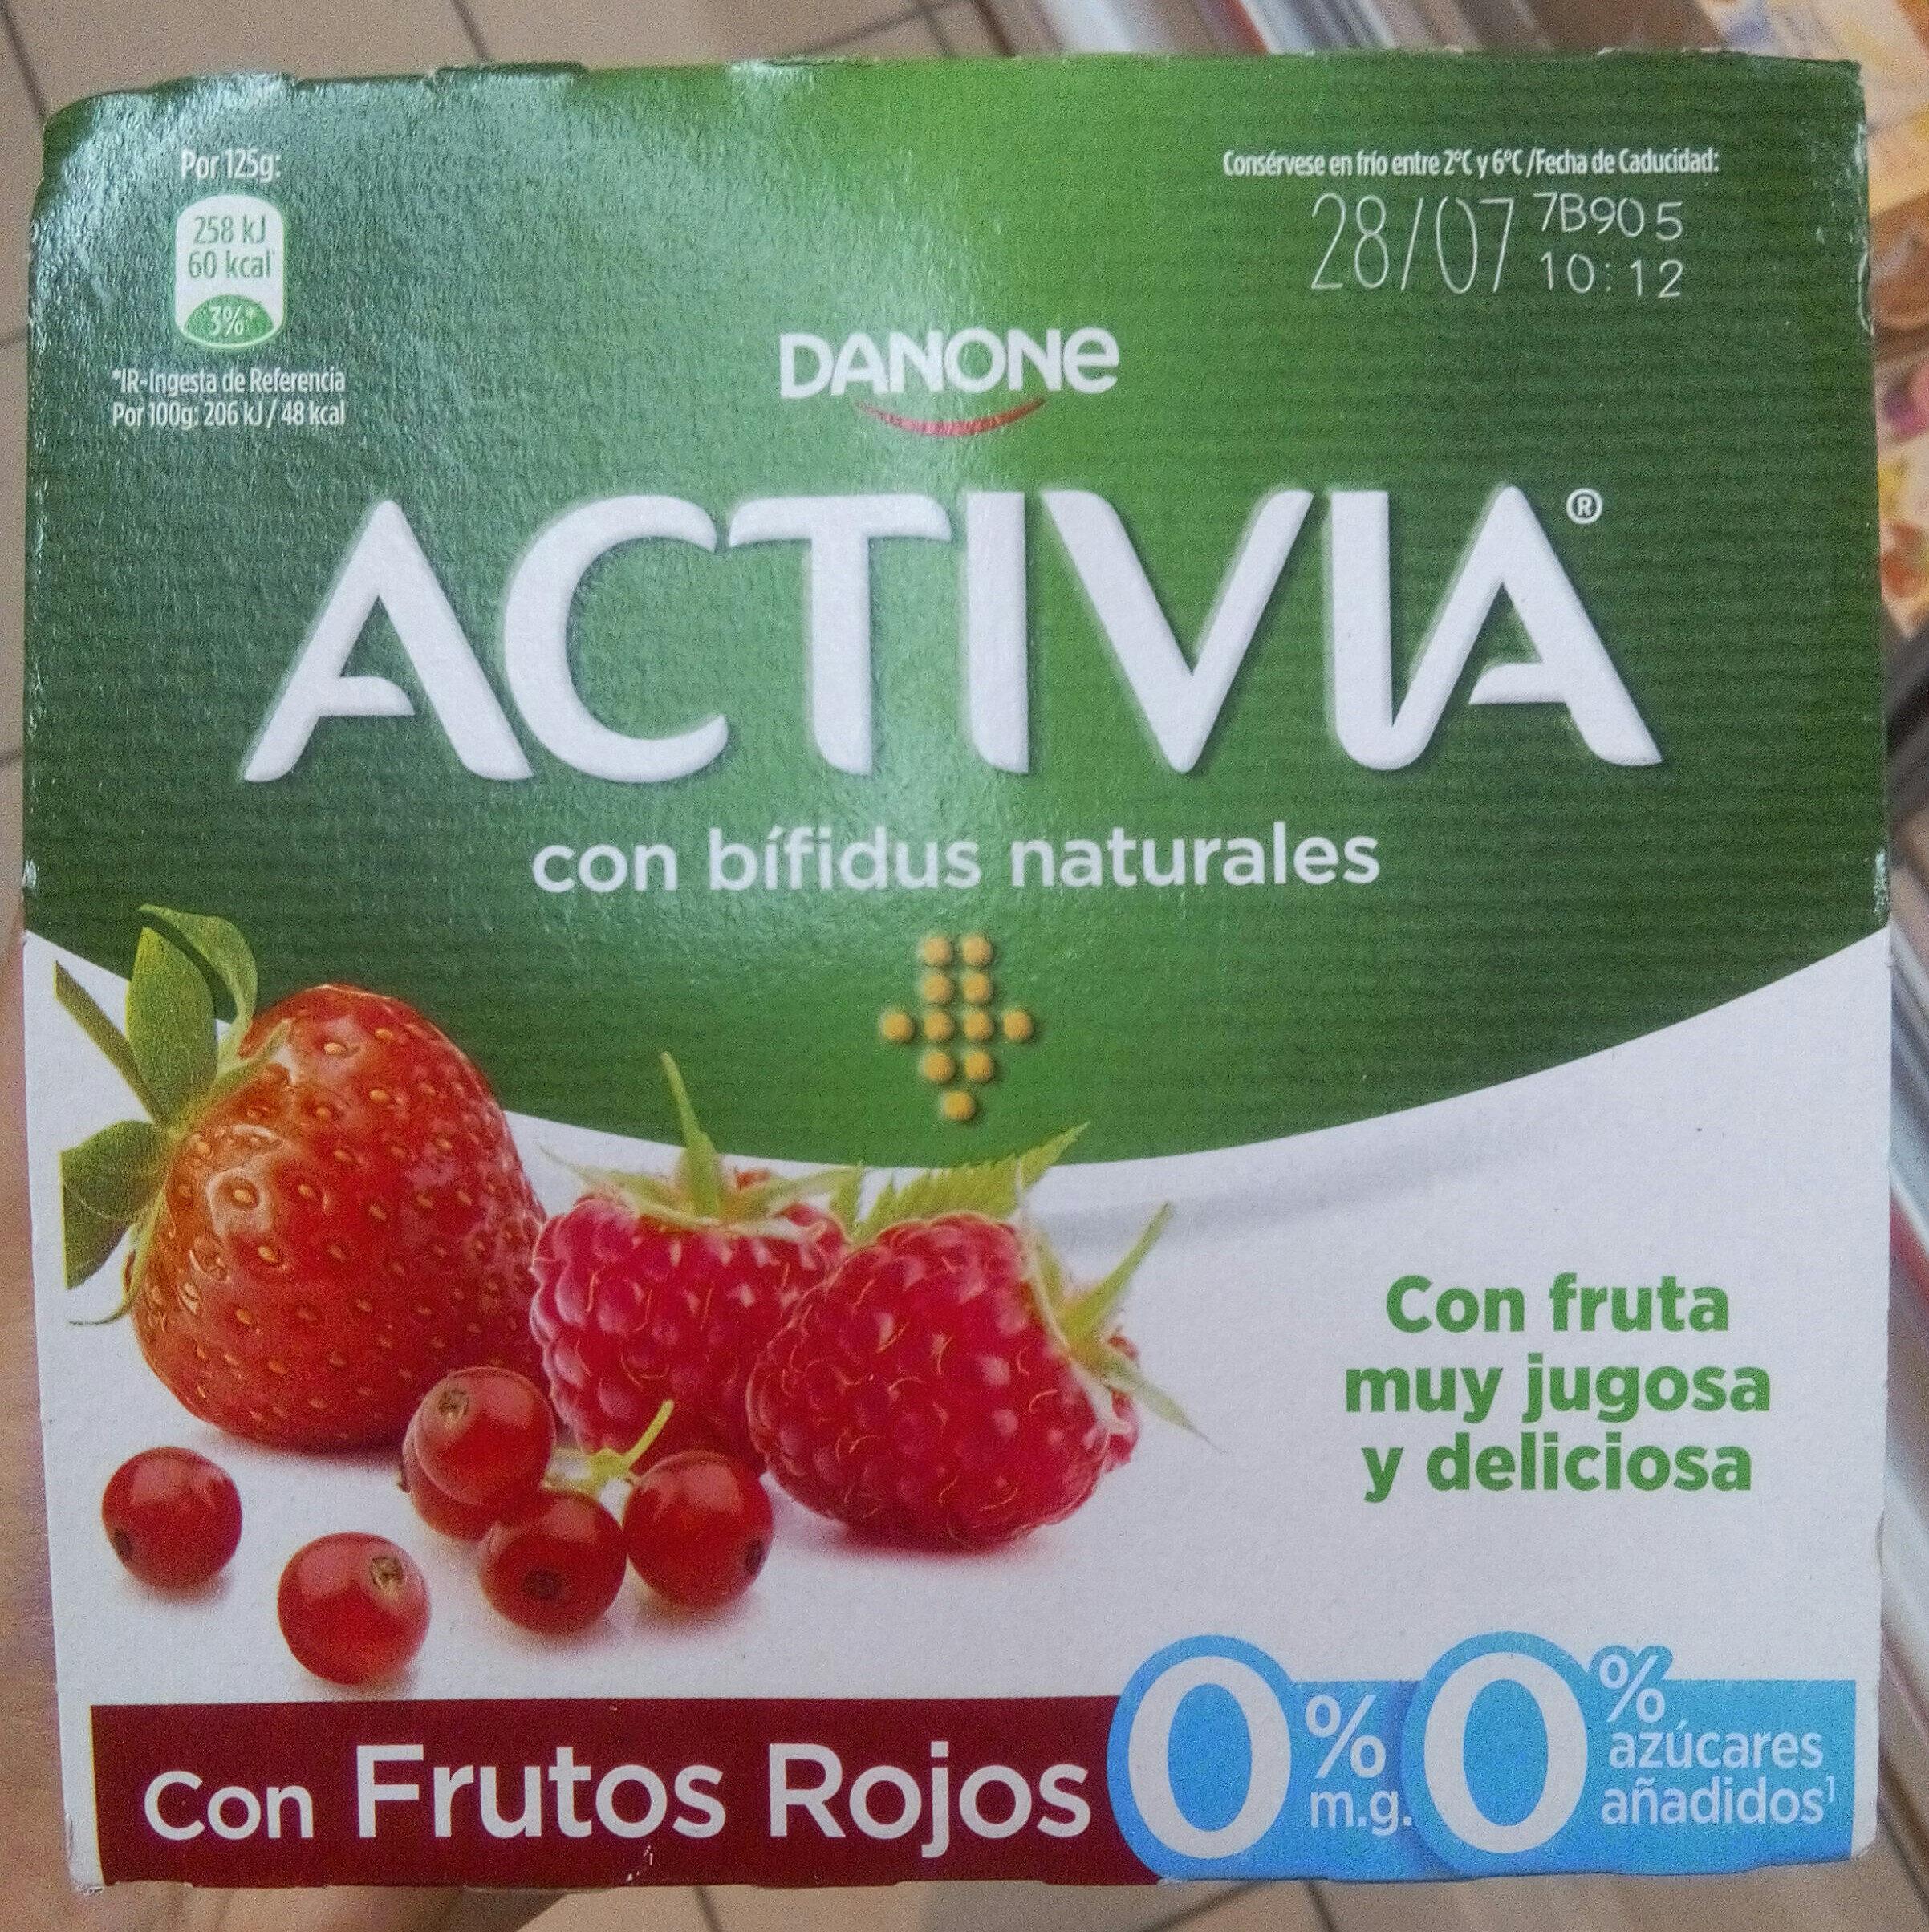 Bífidus desnatado m.g. azúcar añadido con frutos - Producto - es